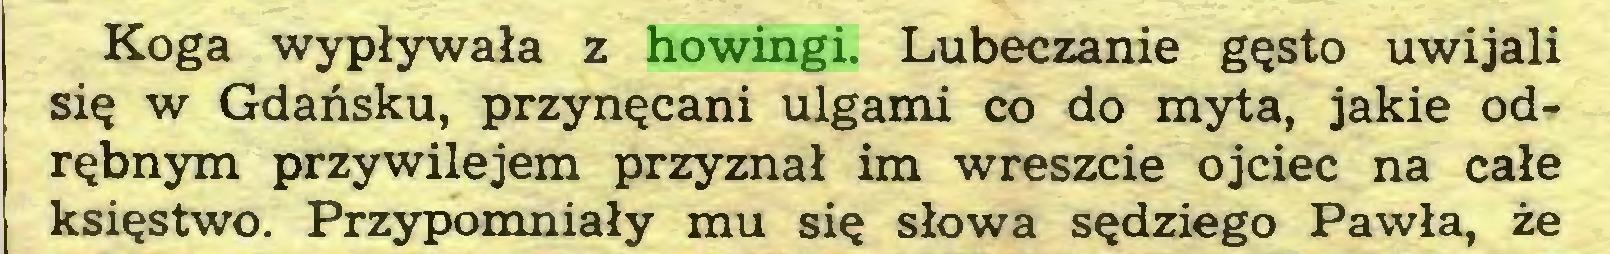 (...) Koga wypływała z howingi. Lubeczanie gęsto uwijali się w Gdańsku, przynęcani ulgami co do myta, jakie odrębnym przywilejem przyznał im wreszcie ojciec na całe księstwo. Przypomniały mu się słowa sędziego Pawła, że...